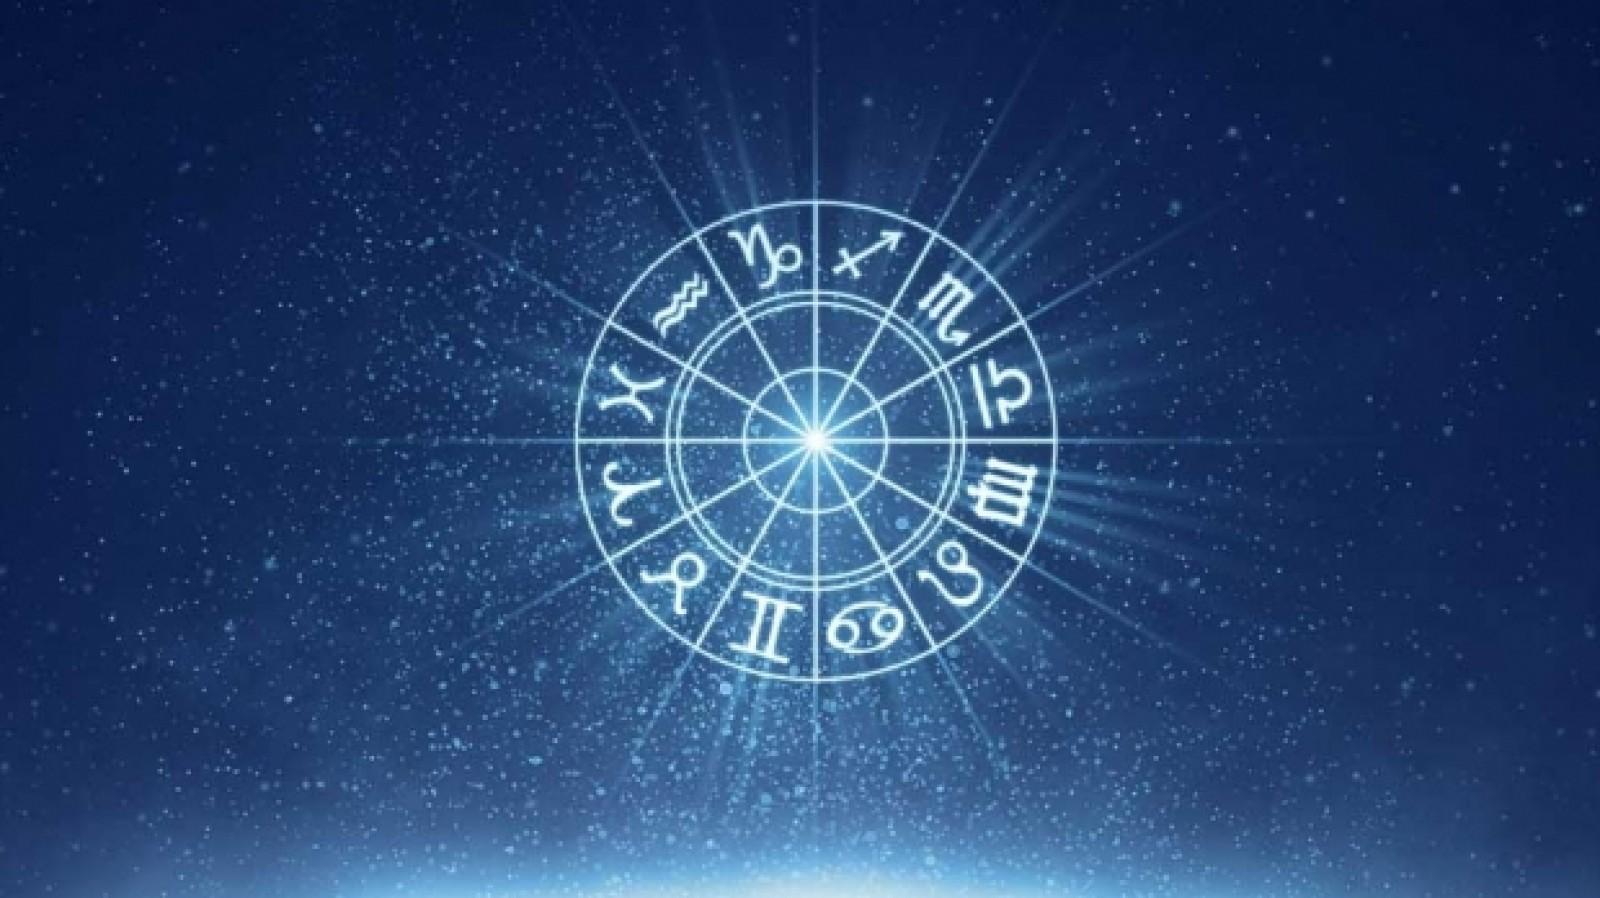 Horoscop 12 iunie 2018: Berbecii trebuie să ia o decizie dificilă